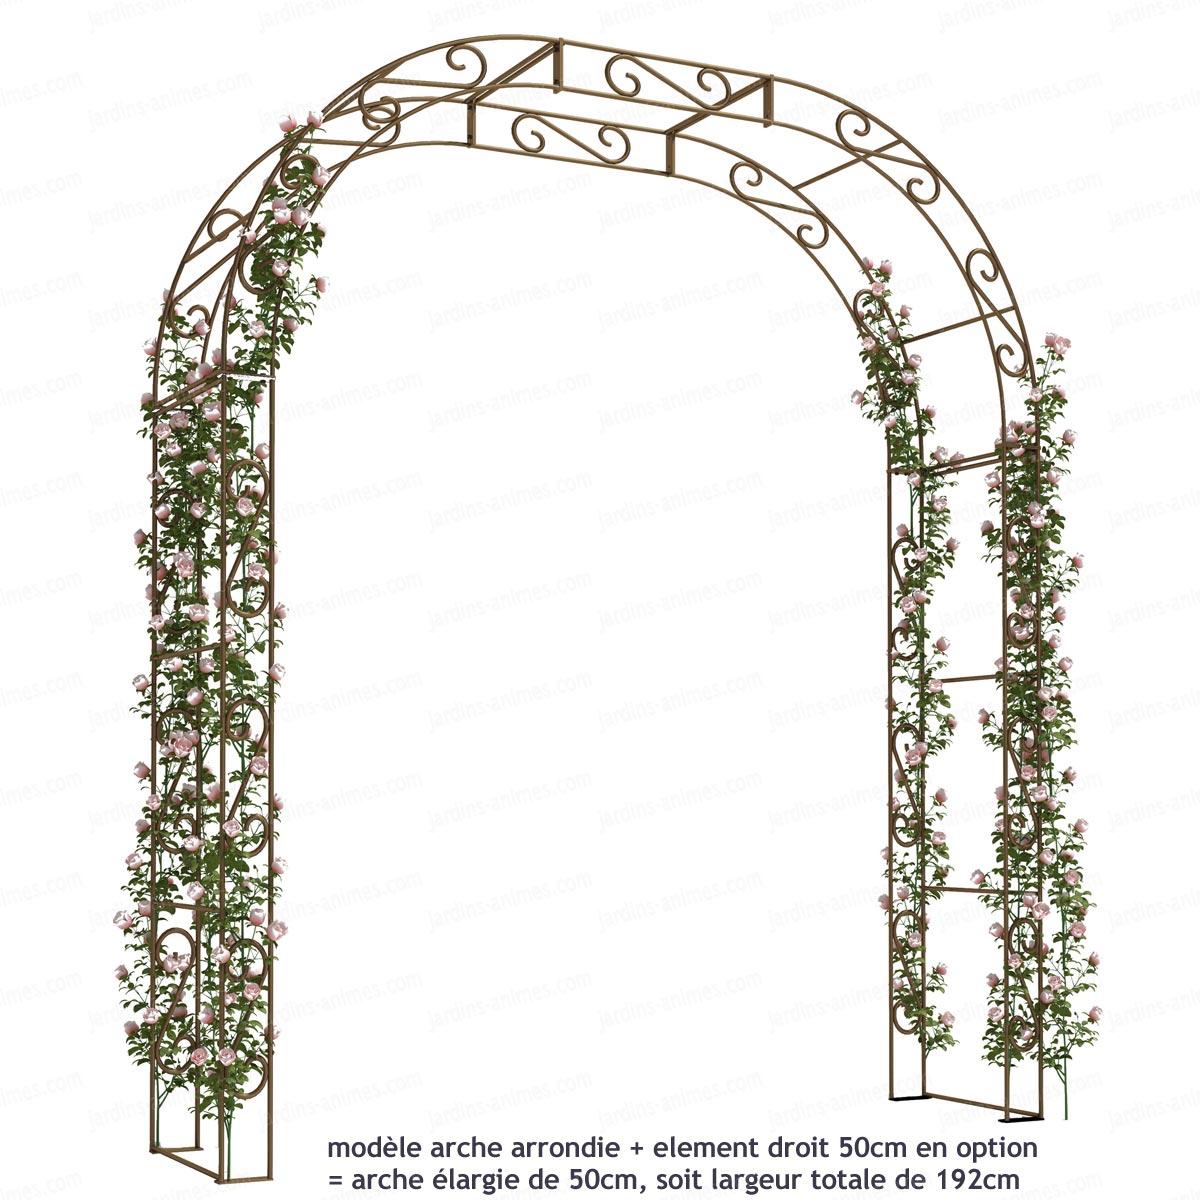 Arche De Jardin Arrondie En Acier Plein concernant Arche Jardin Bois